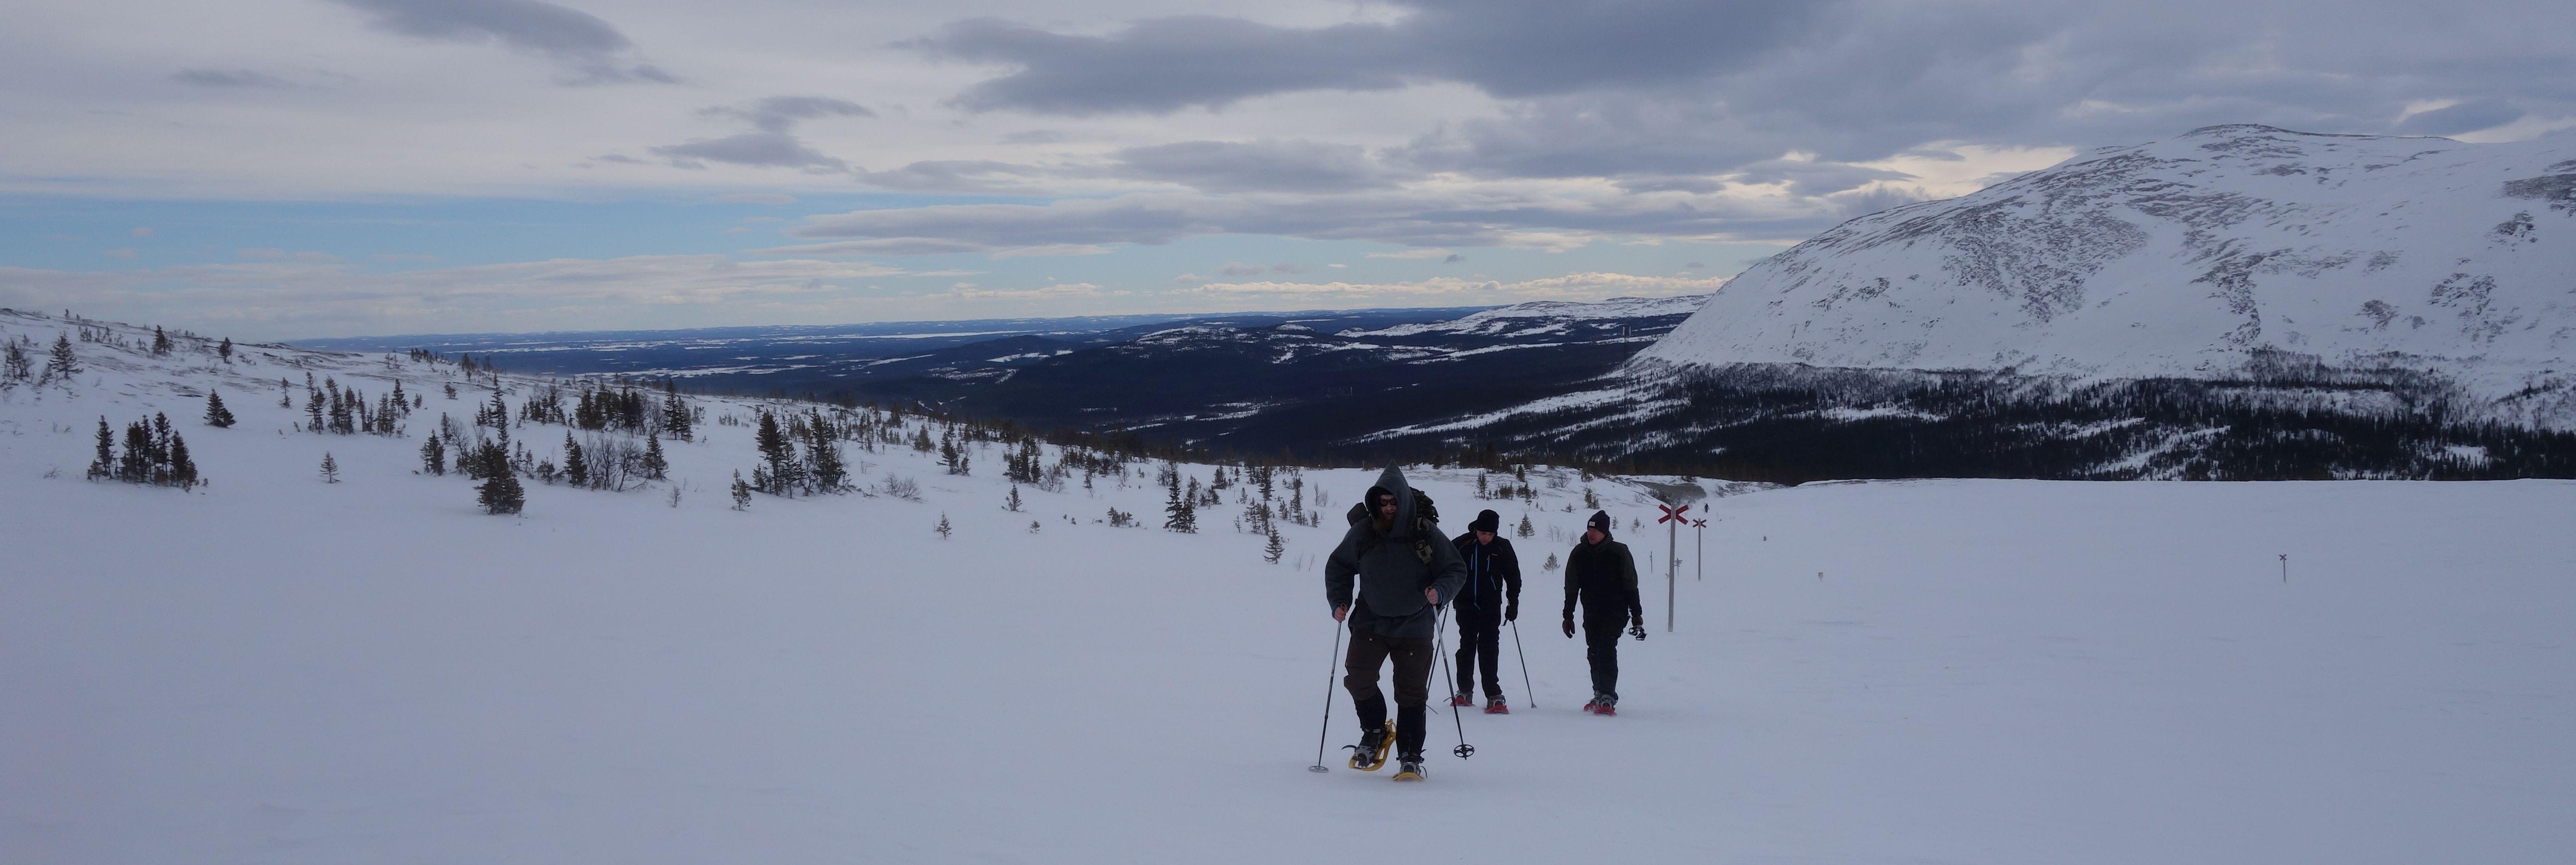 Schneeschuhwanderung in Schweden